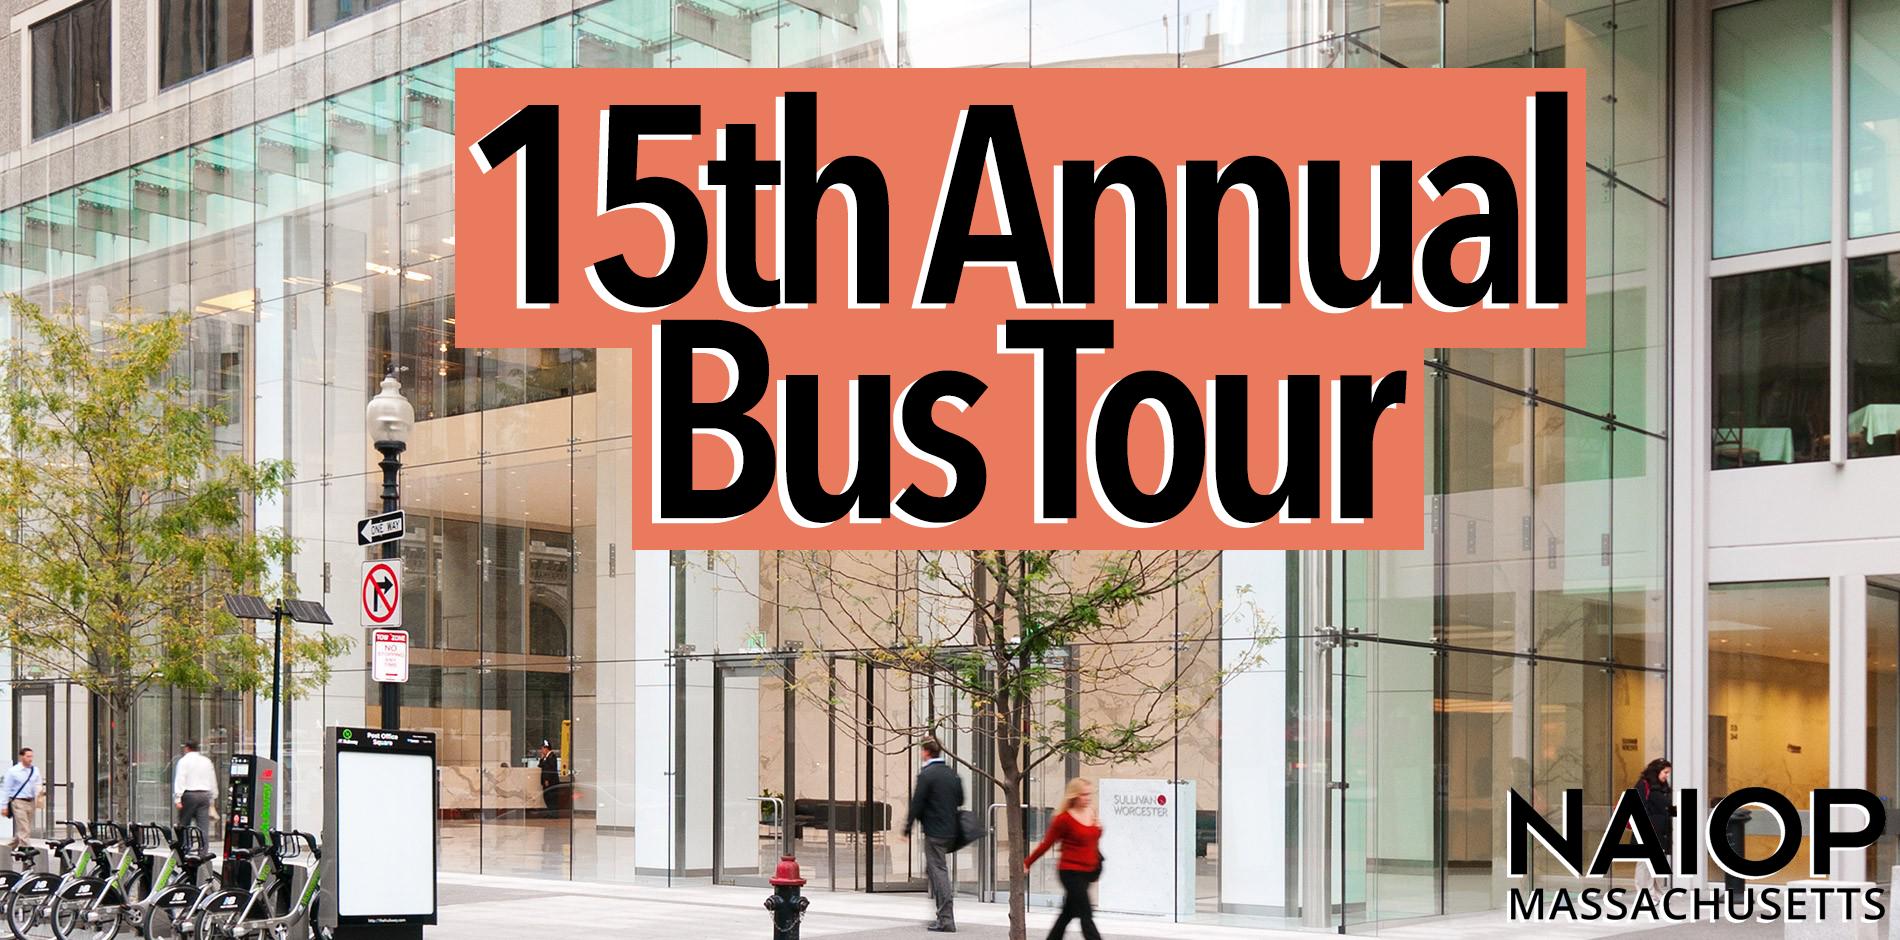 Naiop bus tour